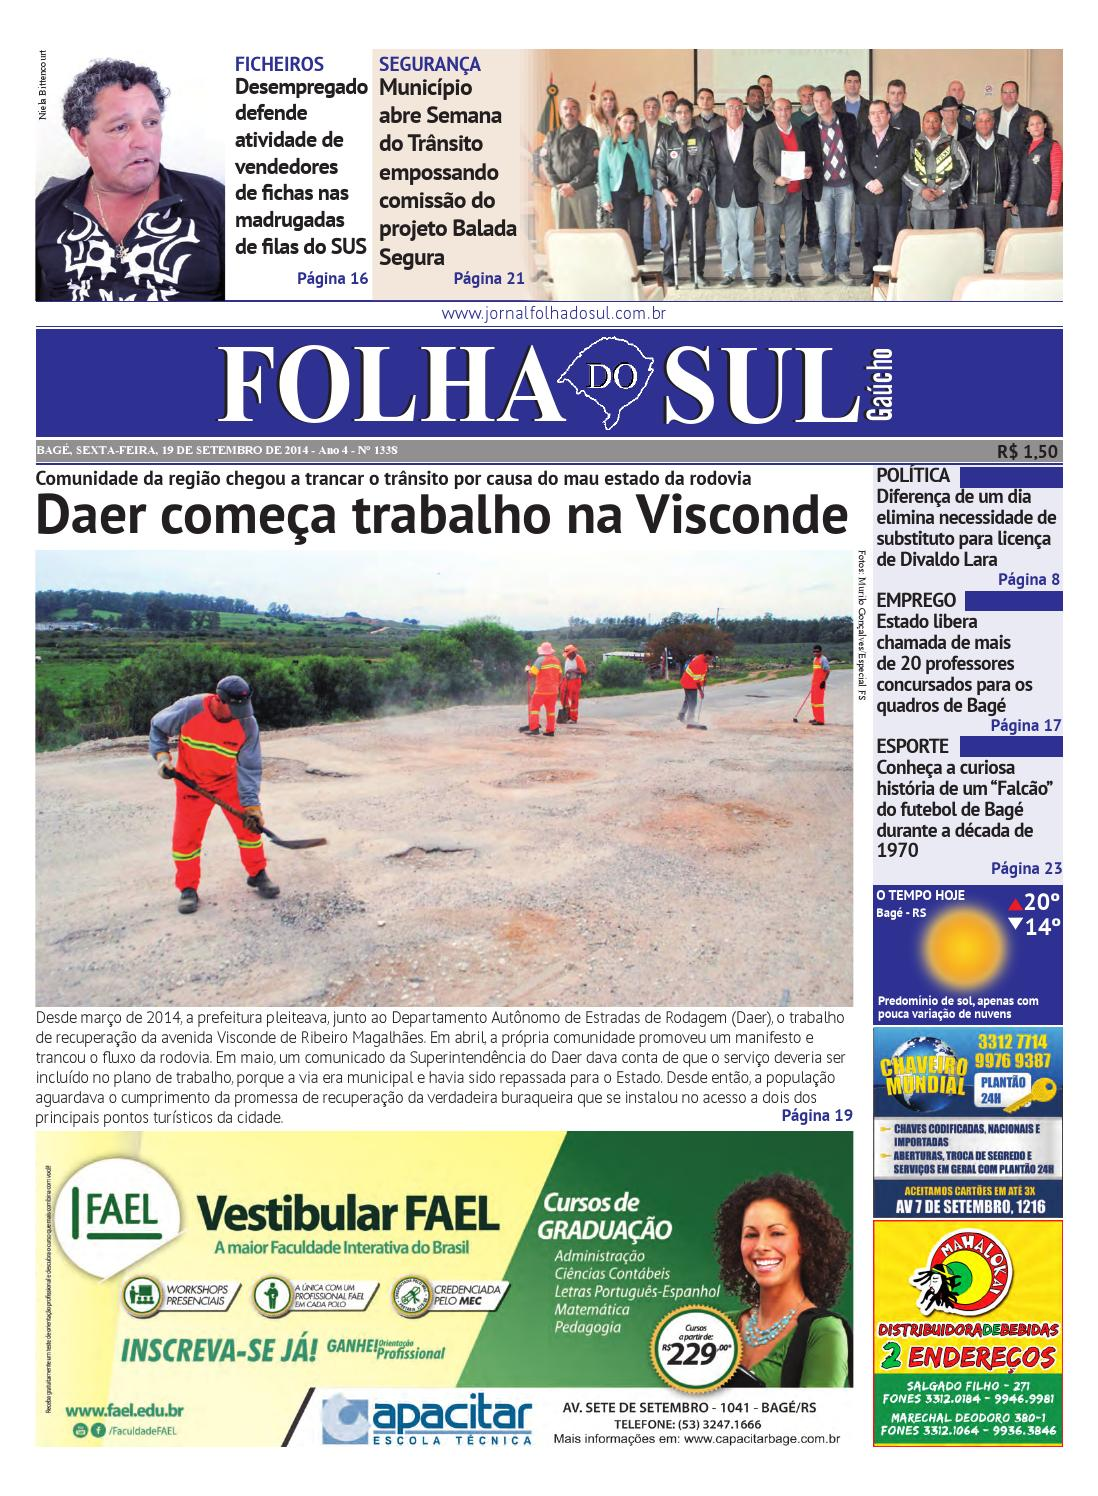 923e7ecc3 Folha do Sul Gaúcho Ed. 1338 (19 09 2014) by Folha do Sul Gaúcho - issuu